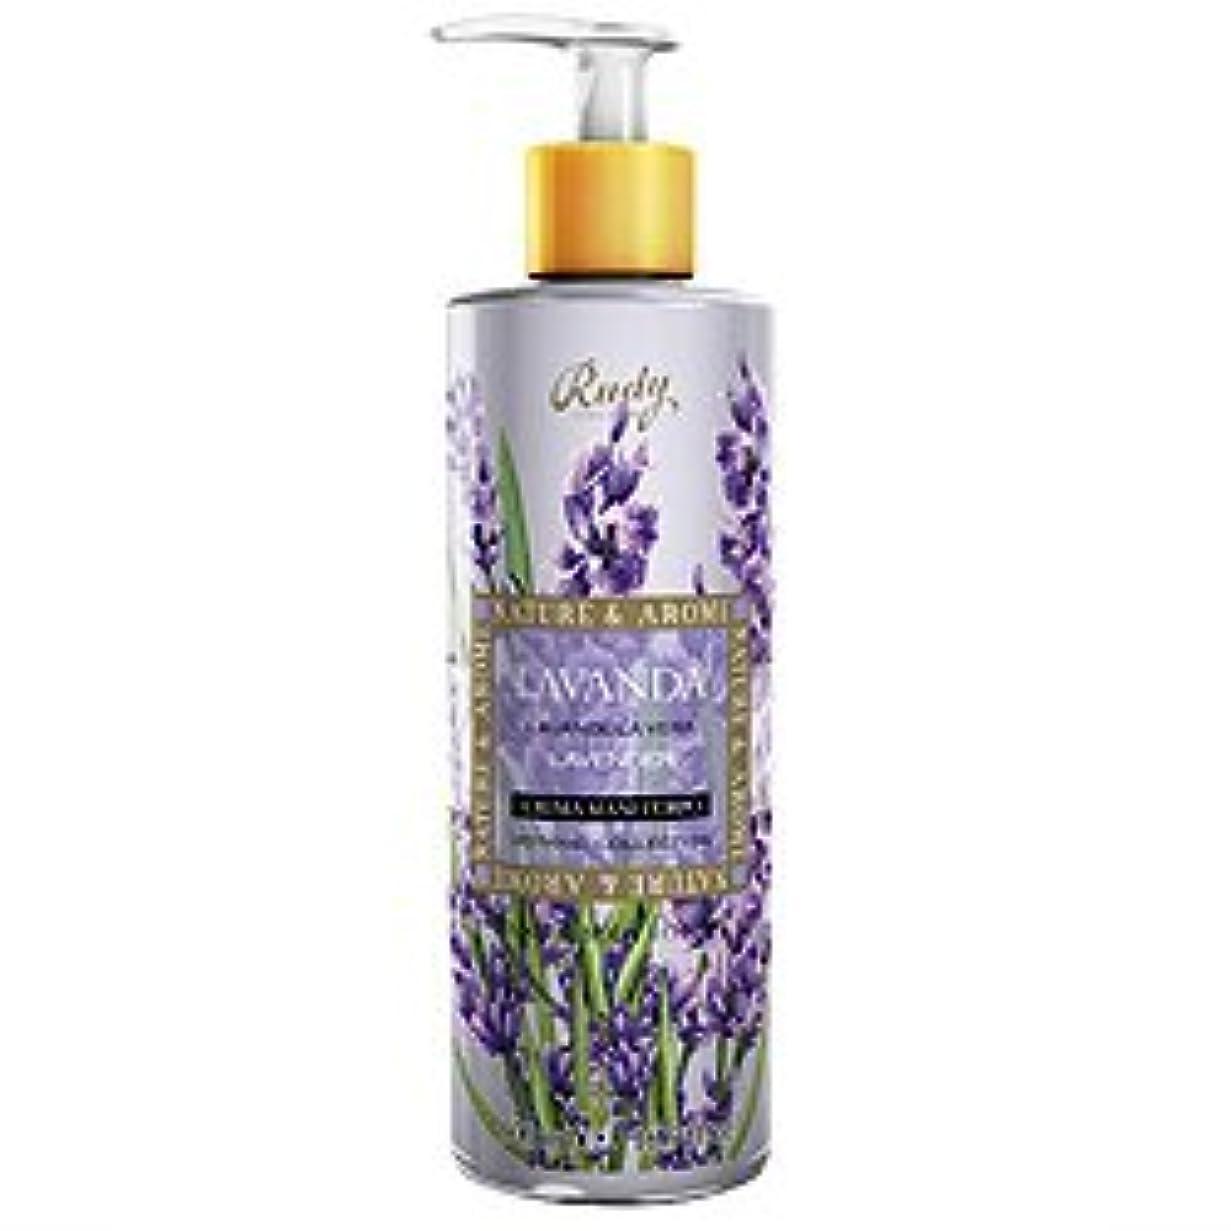 起点寄り添う税金ルディ(Rudy) ナチュール&アロマ ハンド&ボディローション ラベンダー 500ml 【並行輸入品】 RUDY Nature&Arome SERIES Hand&Body lotion Lavender